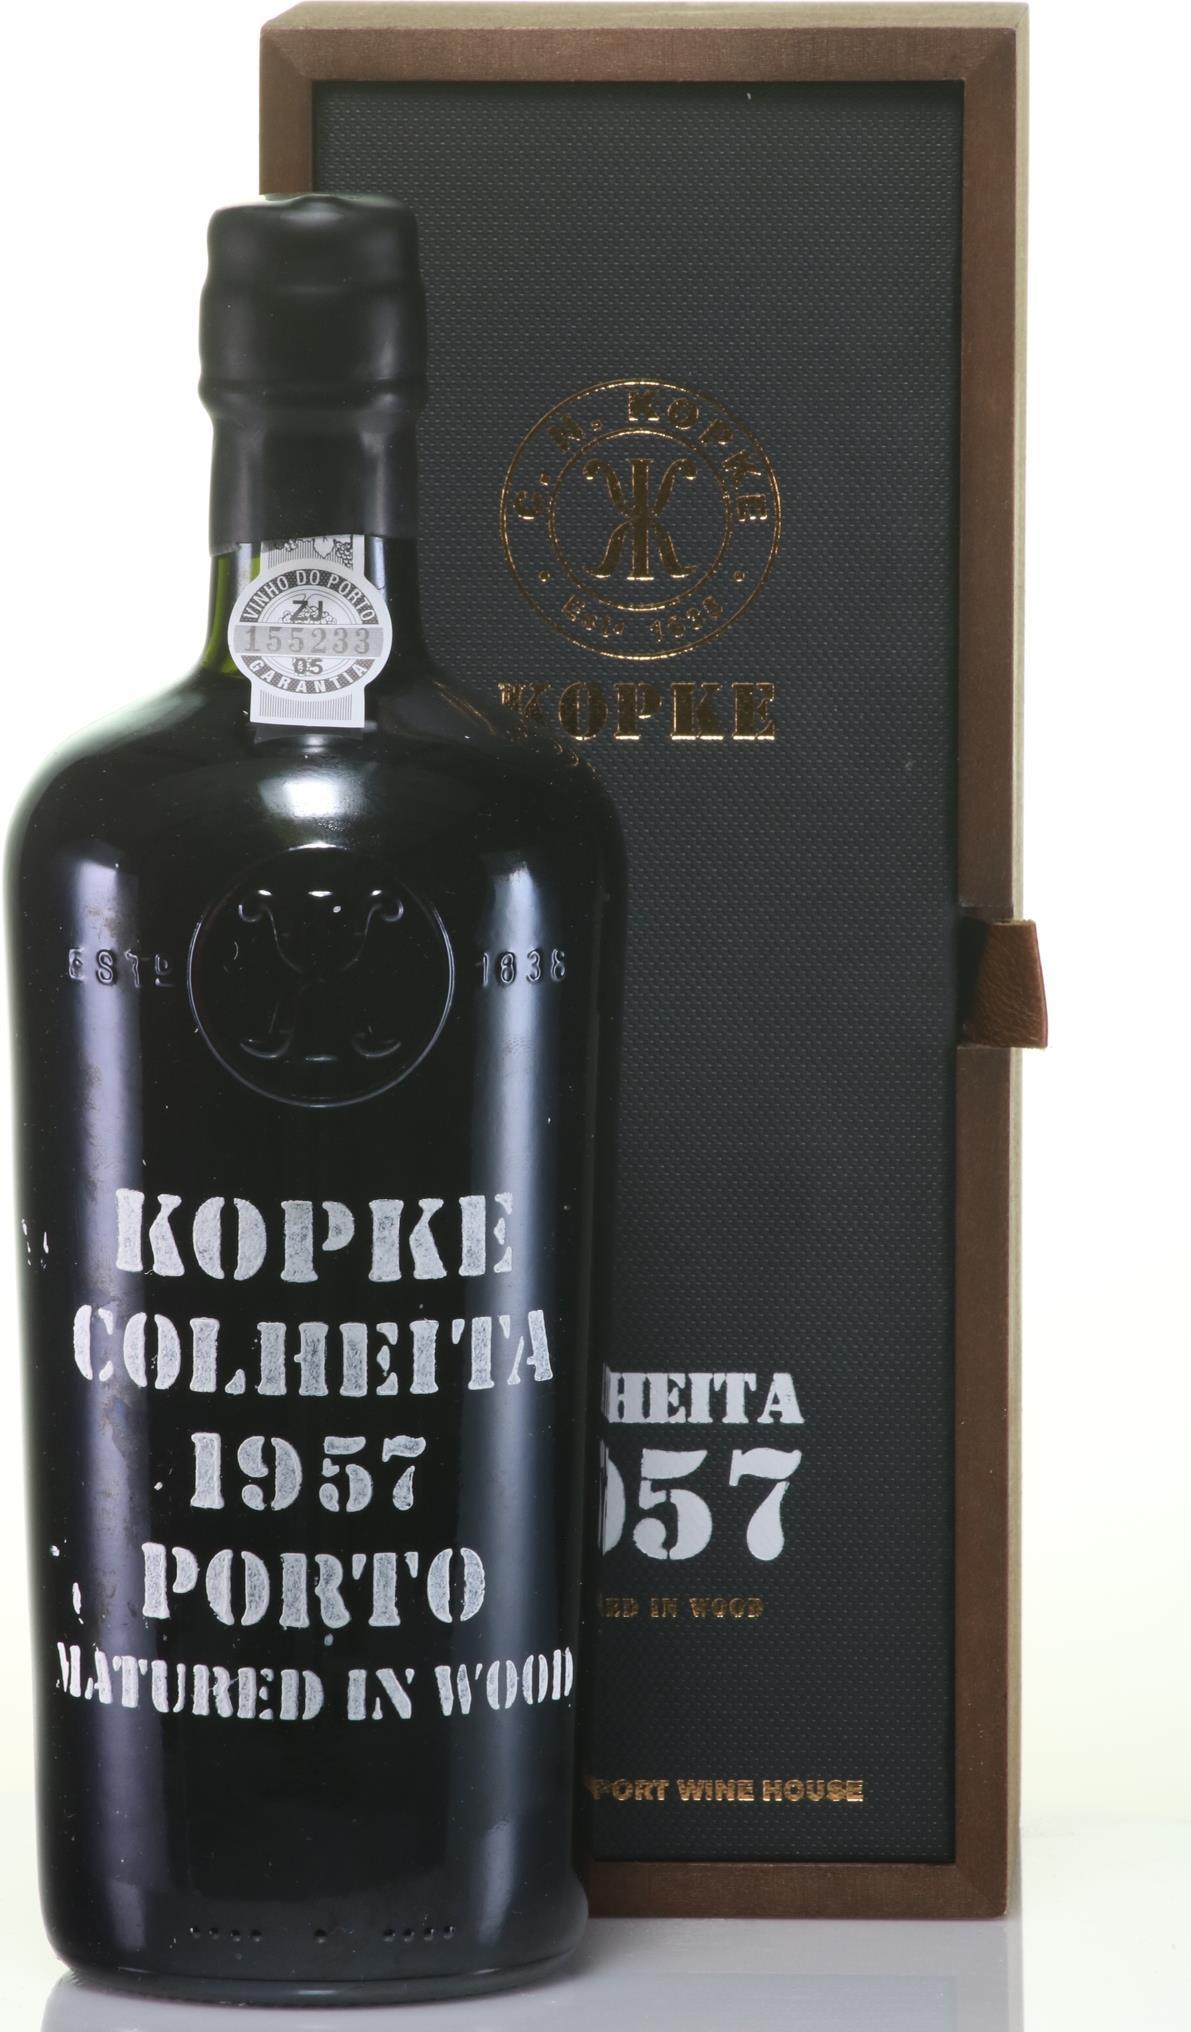 Port 1957 Kopke